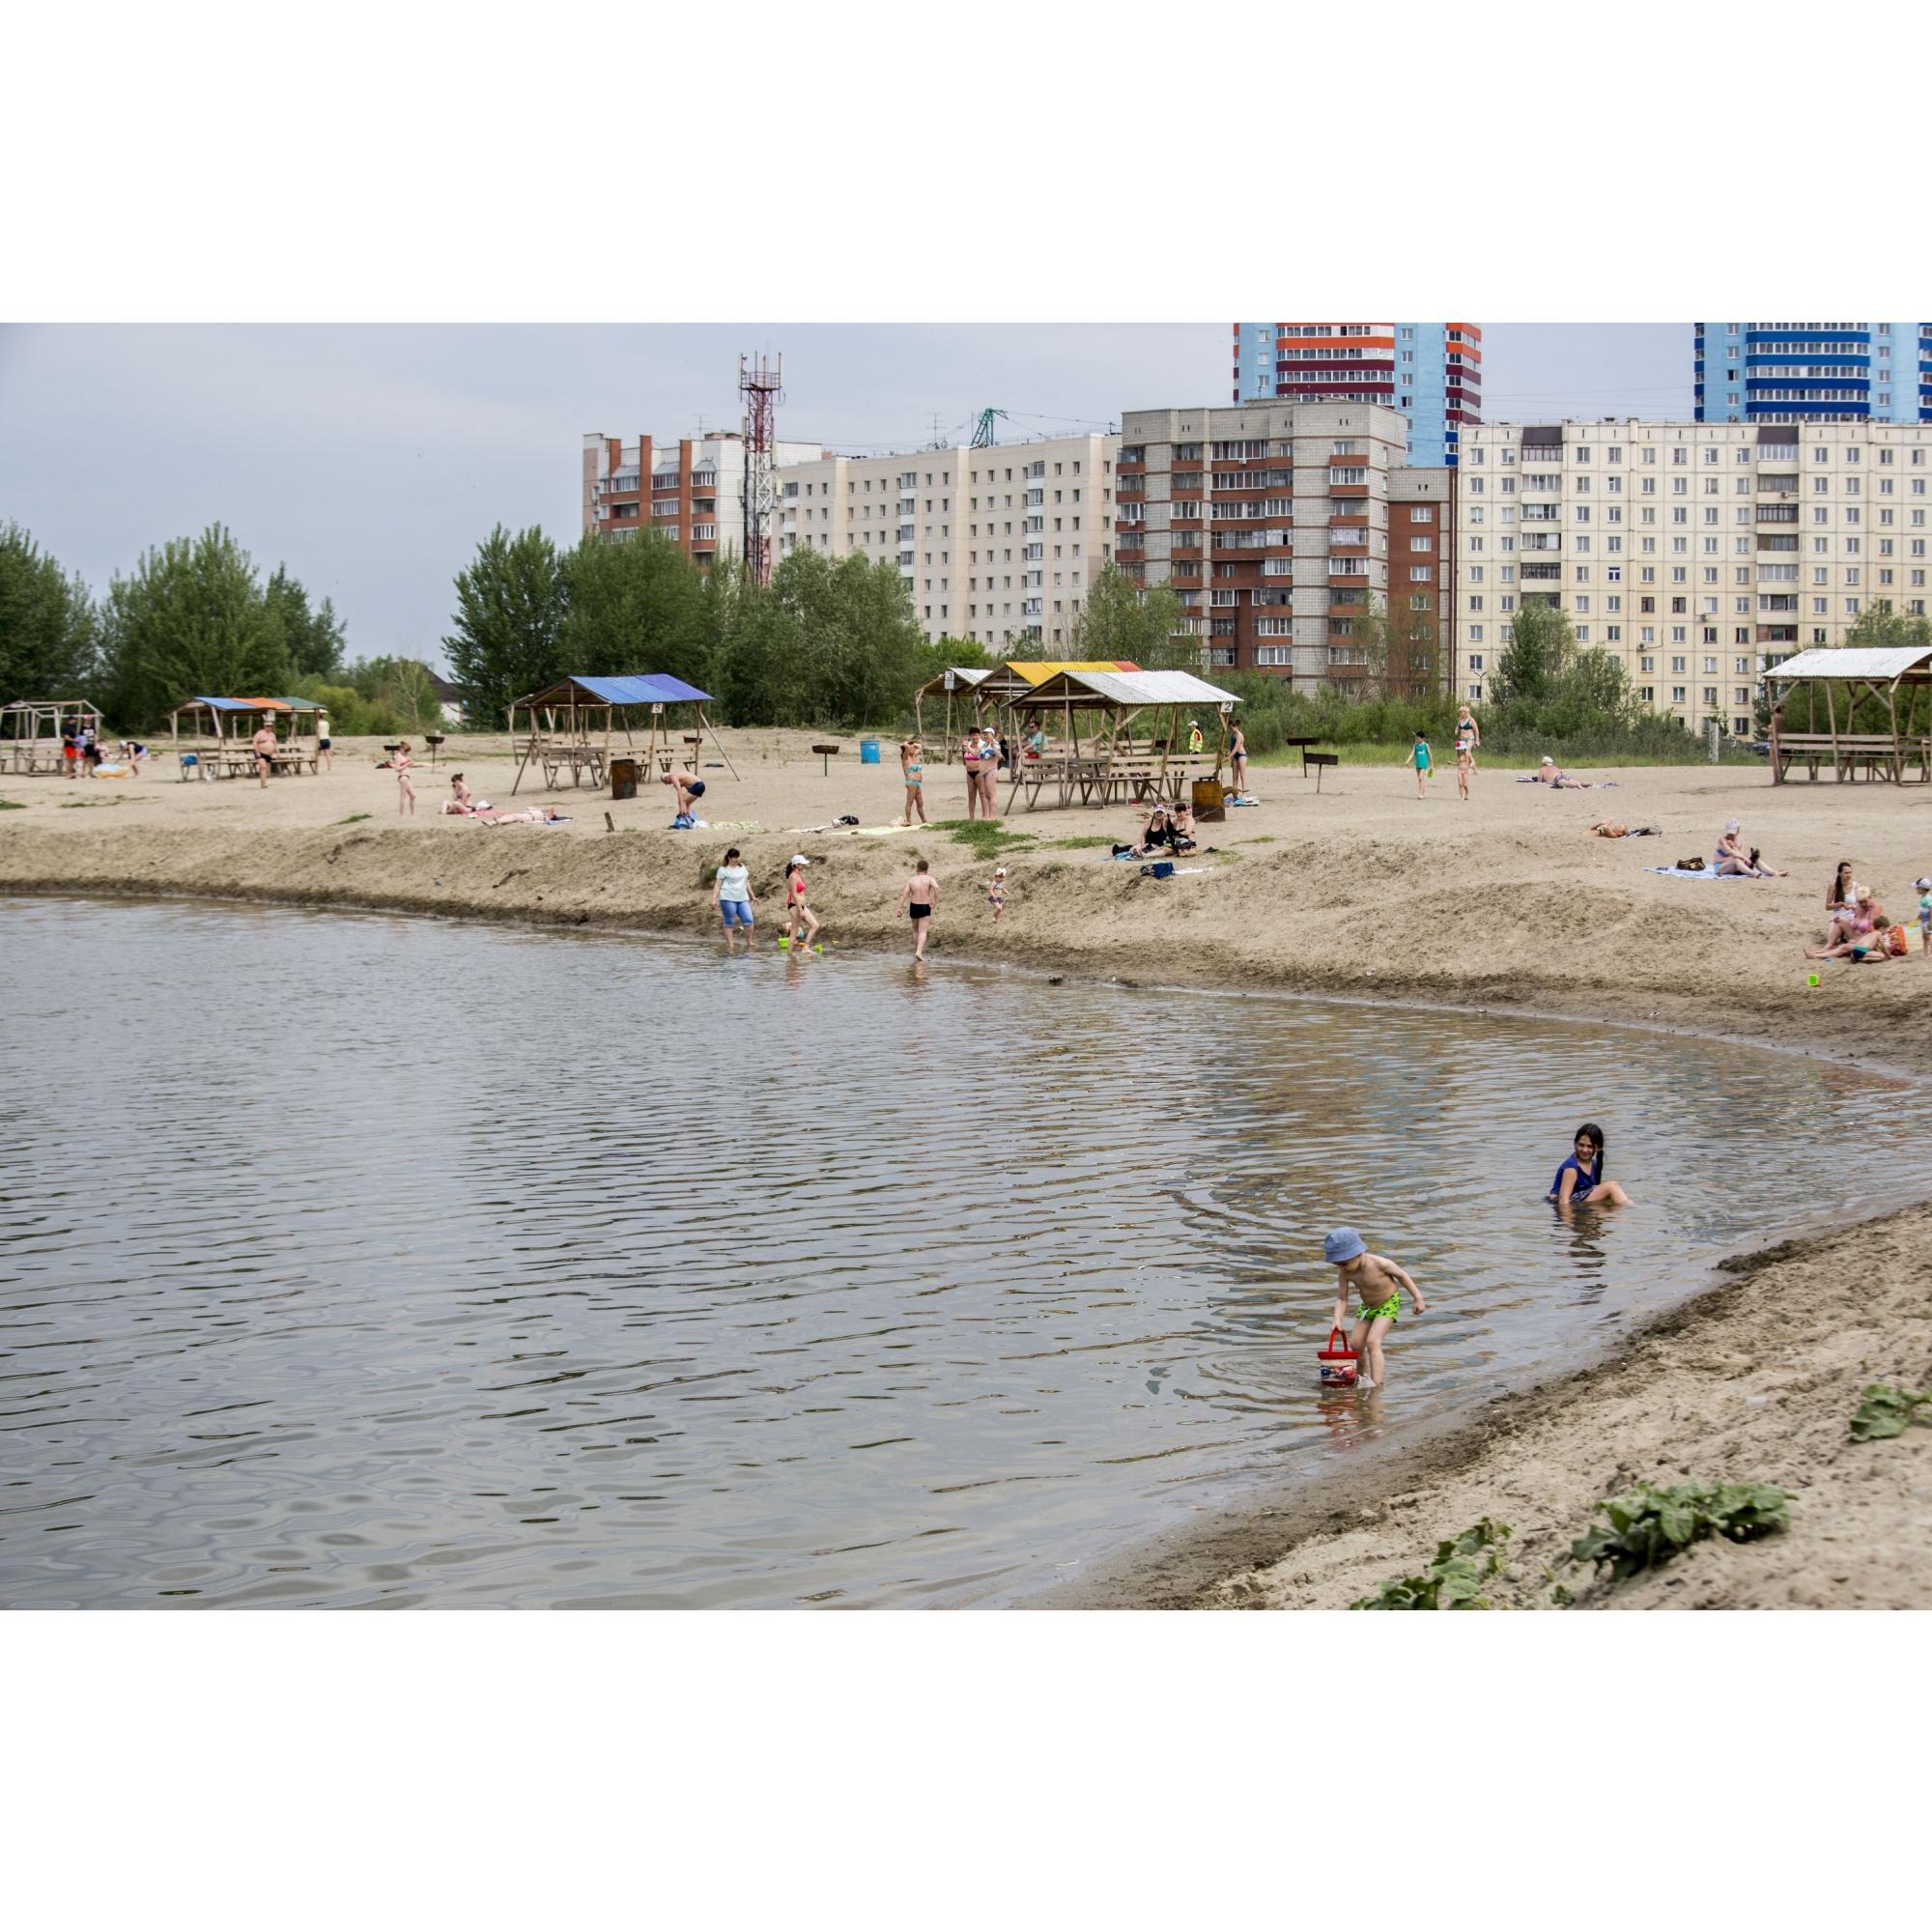 Штраф для купающихся тут — от 300 до 800 рублей. Протоколы составляют только два человека в городе —они работают в районных комиссиях. Но работать они могут  только вместе с полицией, добавил Шилов